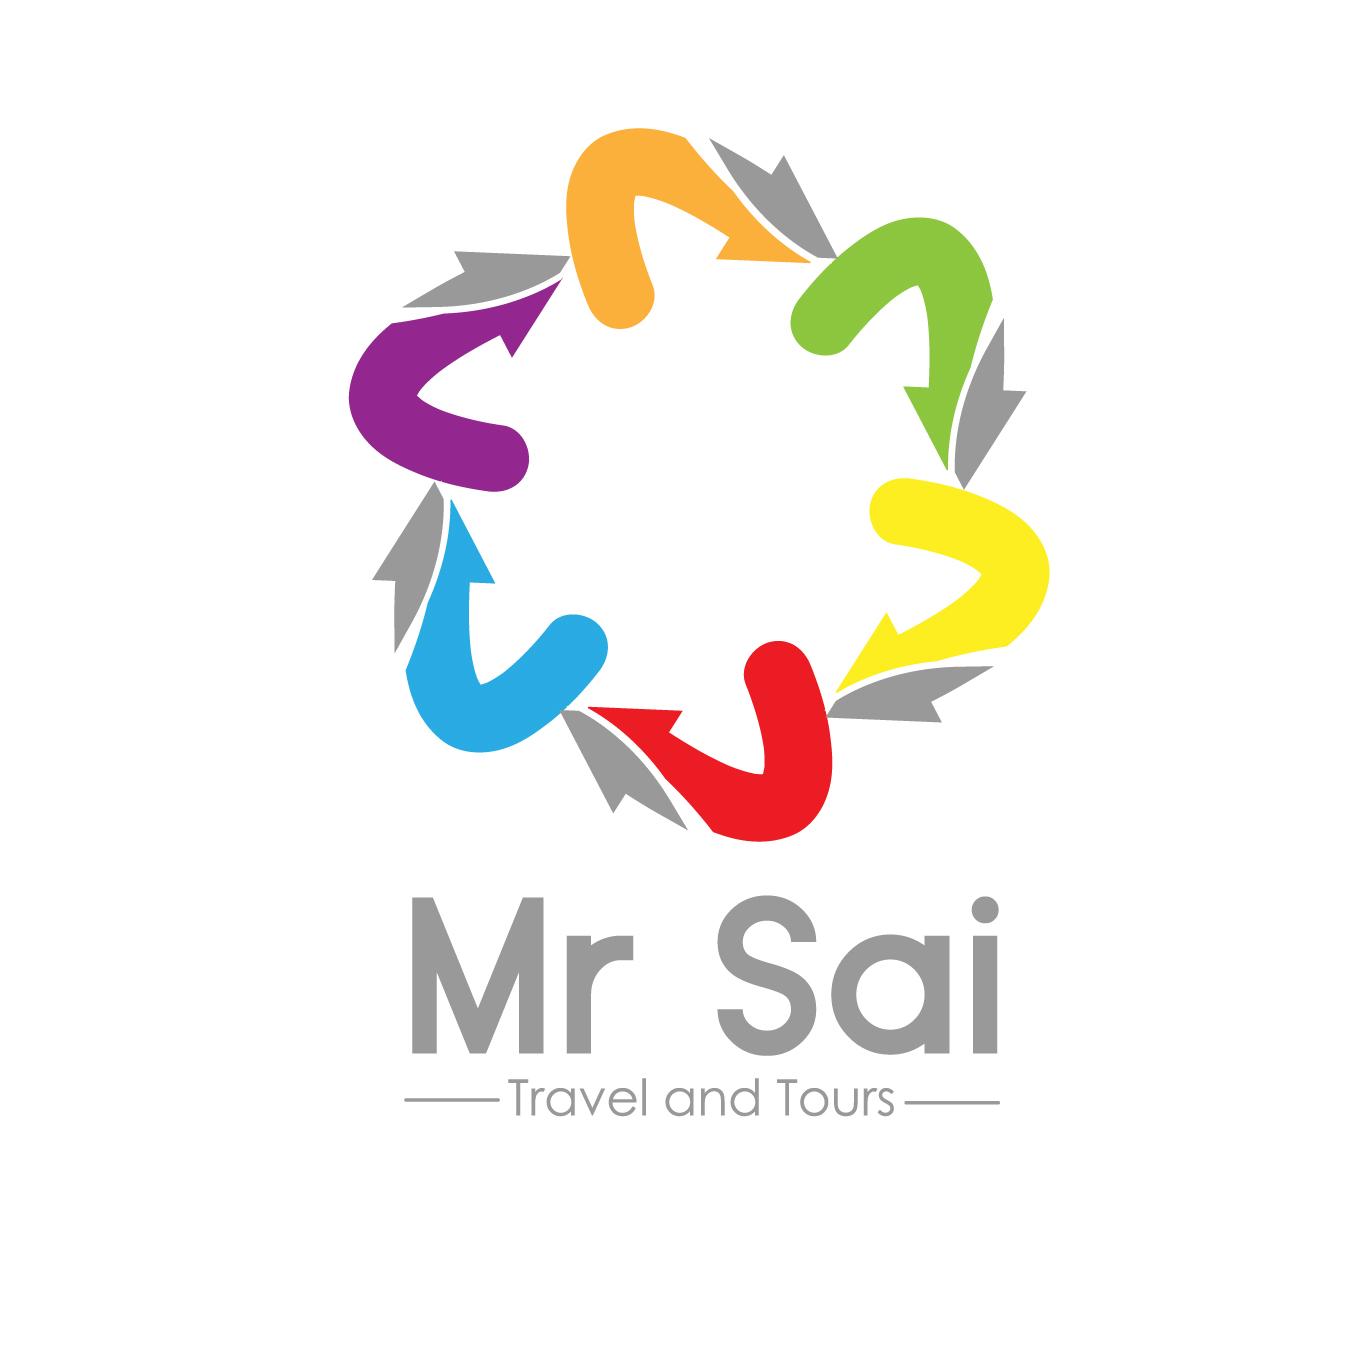 Logo Design Company Singapore Alternative Clipart Design